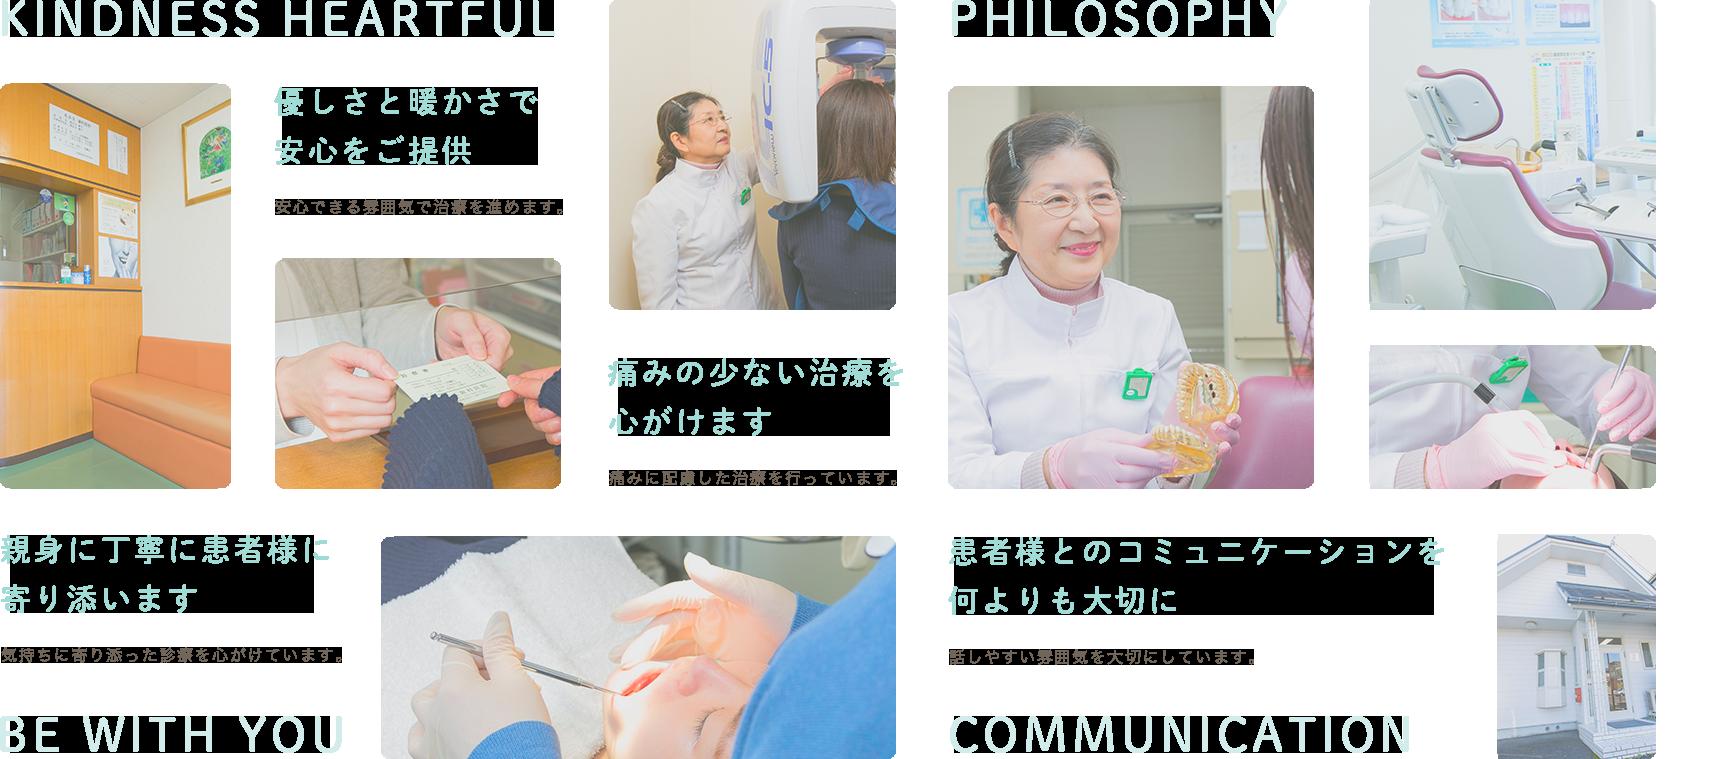 KINDNESS HEARTFUL 優しさと暖かさで安心をご提供安心できる雰囲気で治療を進めます。 PHILOSOPHY 患者さまとのコミュニケーションを何よりも大切に話しやすい雰囲気を大切にしています。 KINDNESS HEARTFUL 優しさと暖かさで安心をご提供安心できる雰囲気で治療を進めます。親身に丁寧に患者様に寄り添います。気持ちに寄り添った診療を心がけています。